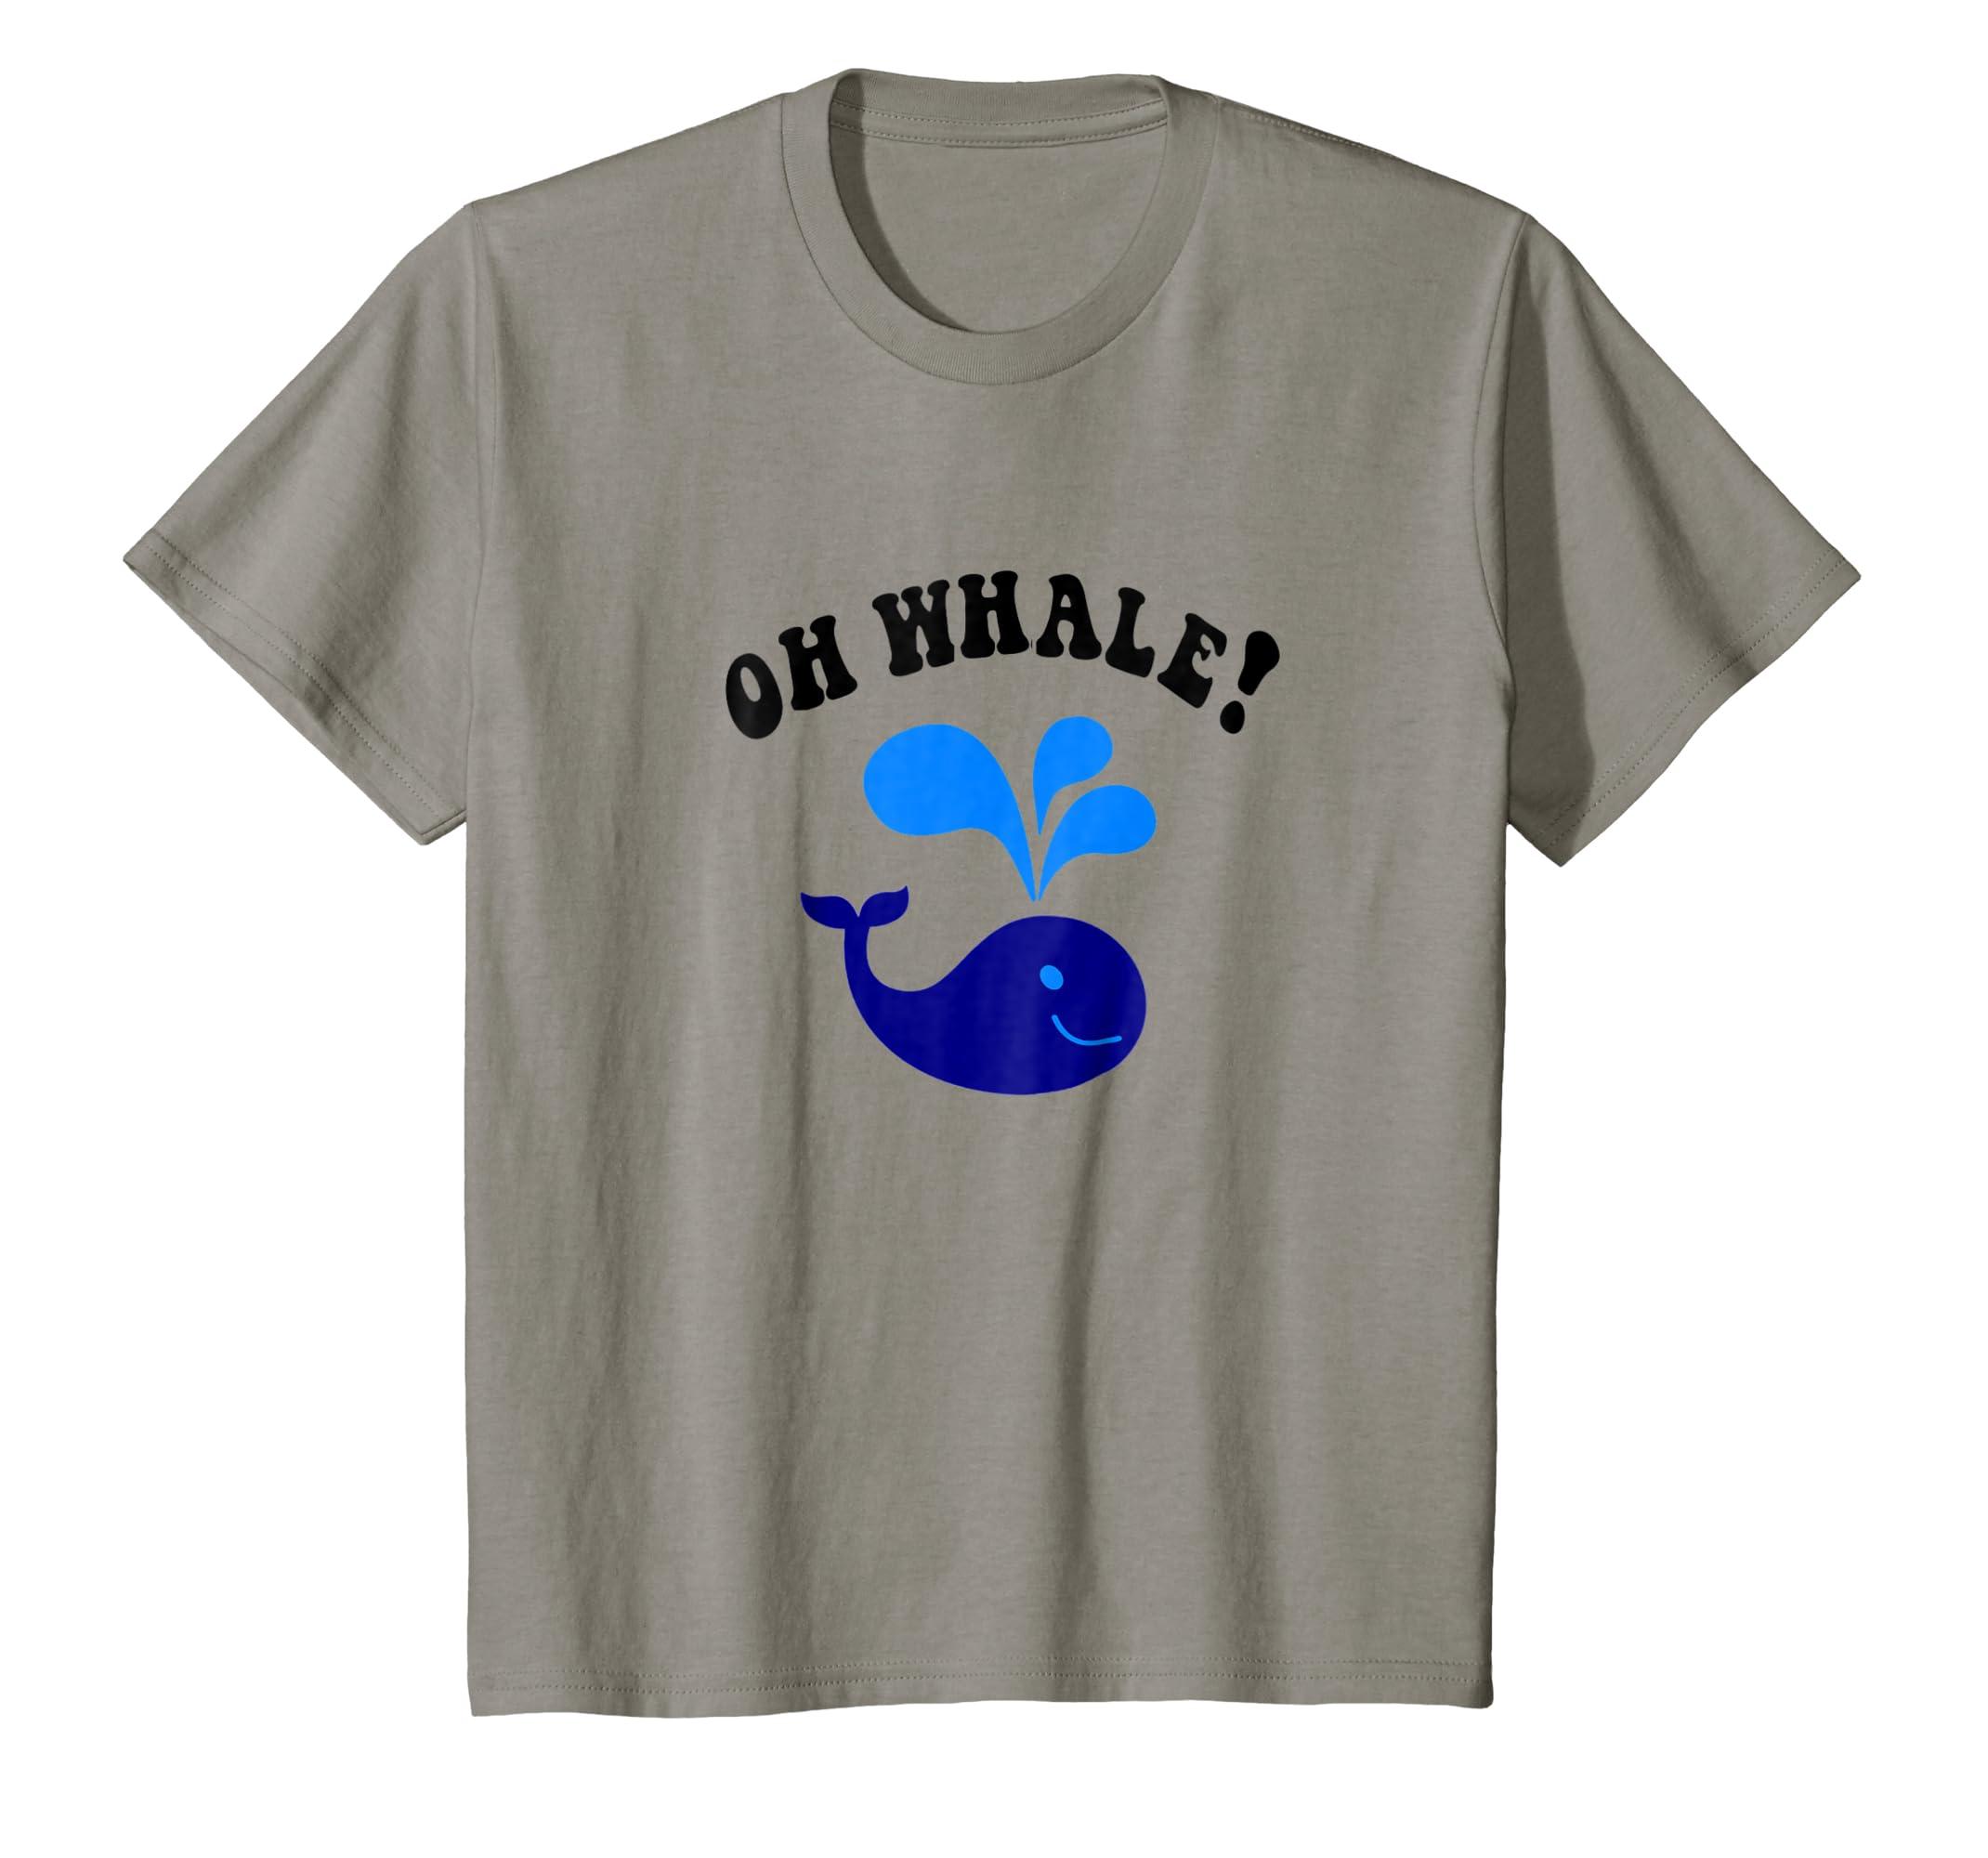 571377b7b Amazon.com  Oh Whale! T Shirt  Clothing